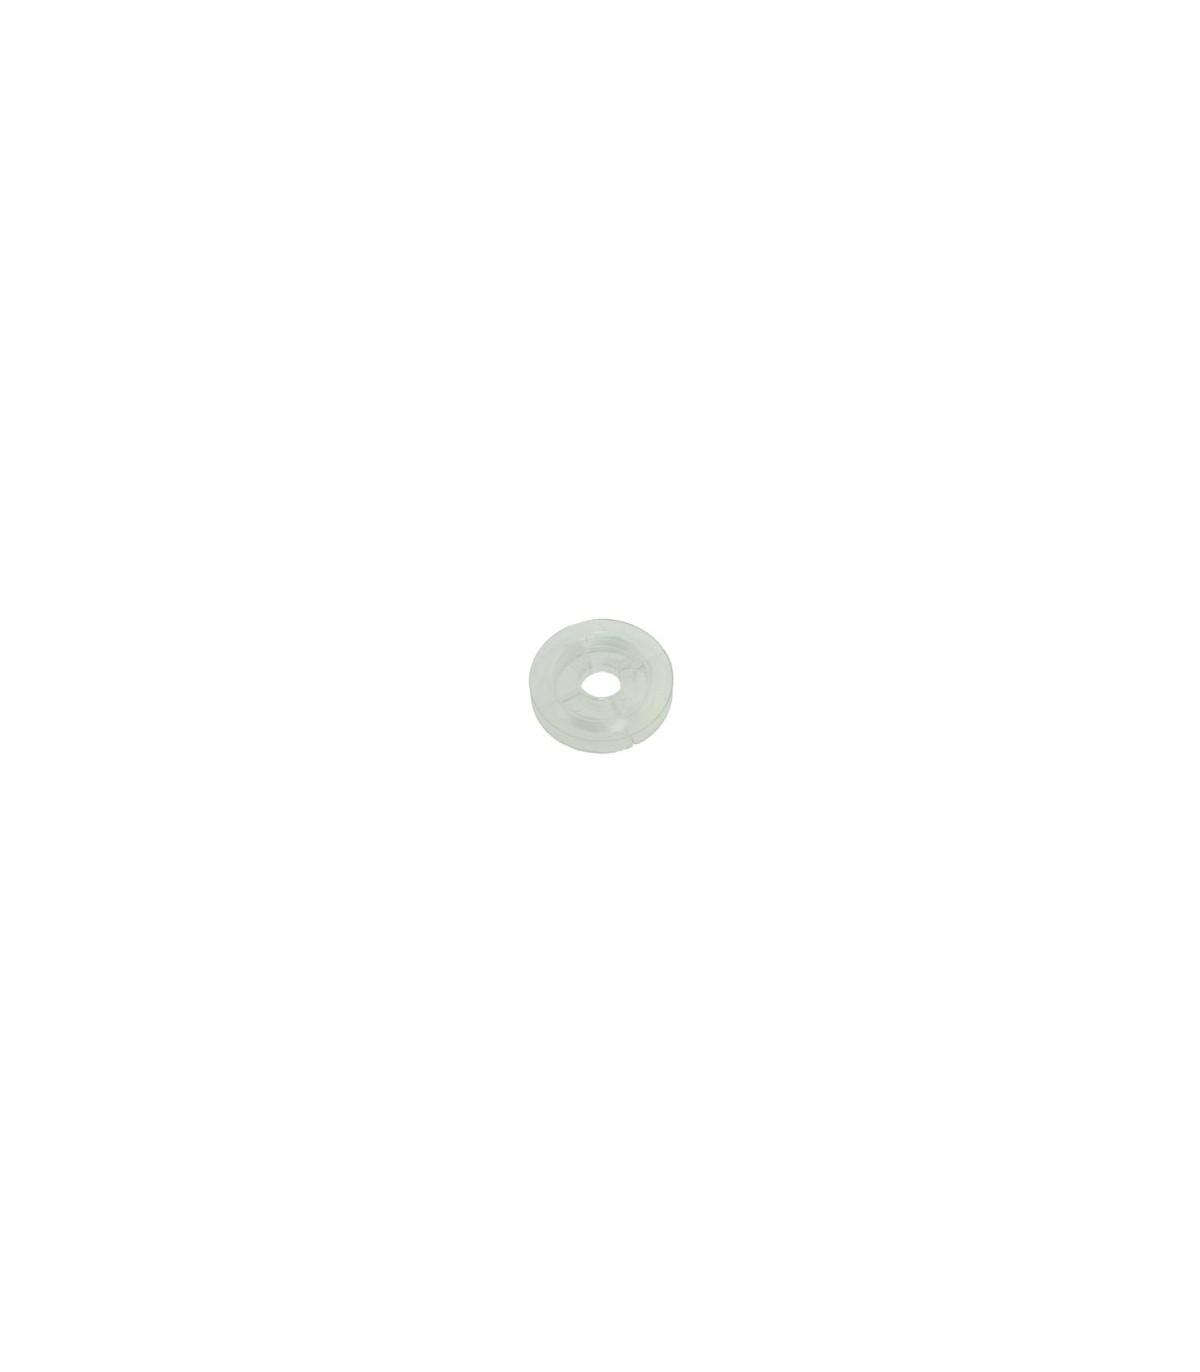 BOBINA 10 METROS DE NYLON EXTRA FINO 0,50mm. TRANSPARENTE